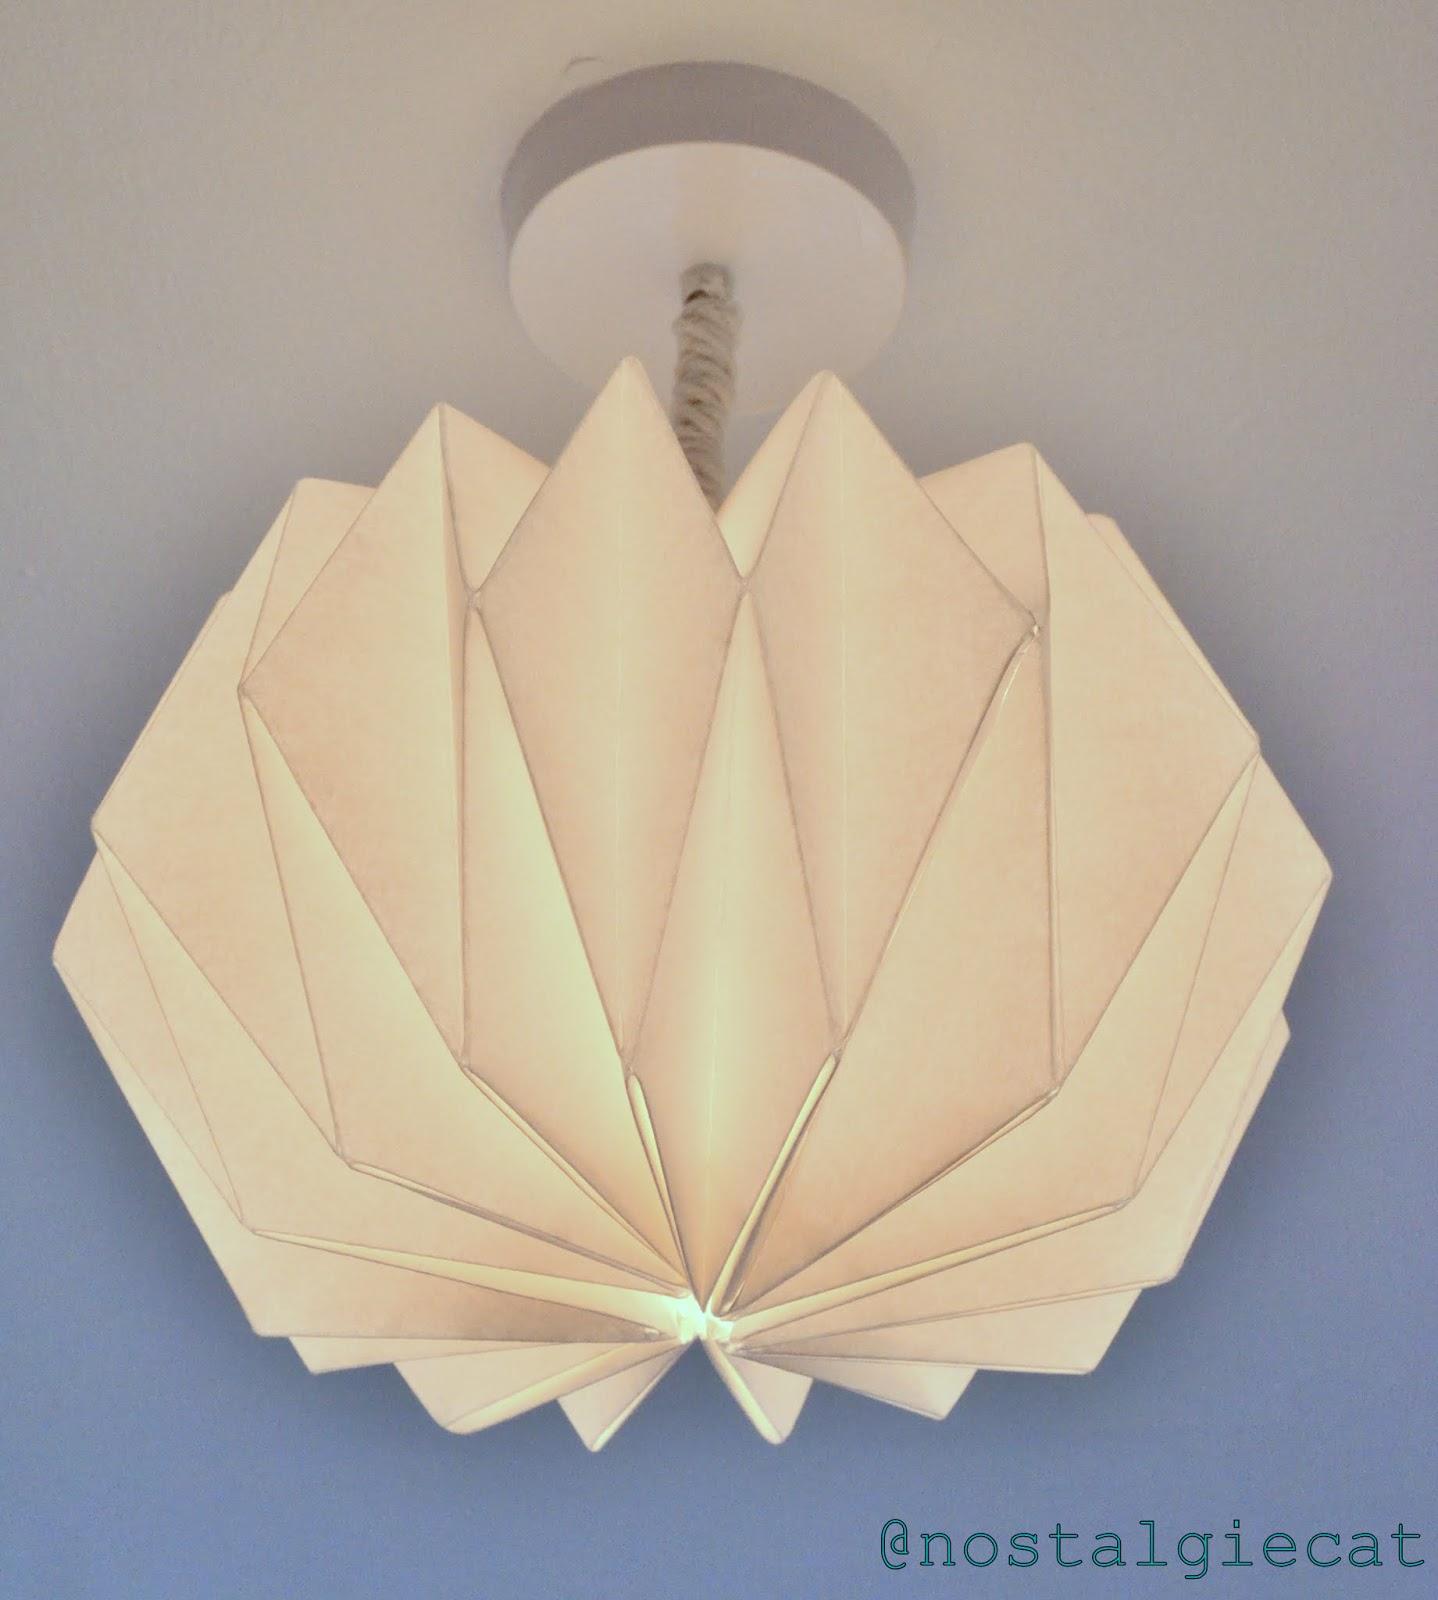 Lamp Of Paper: Nostalgiecat: DIY Origami Paper Lampshade